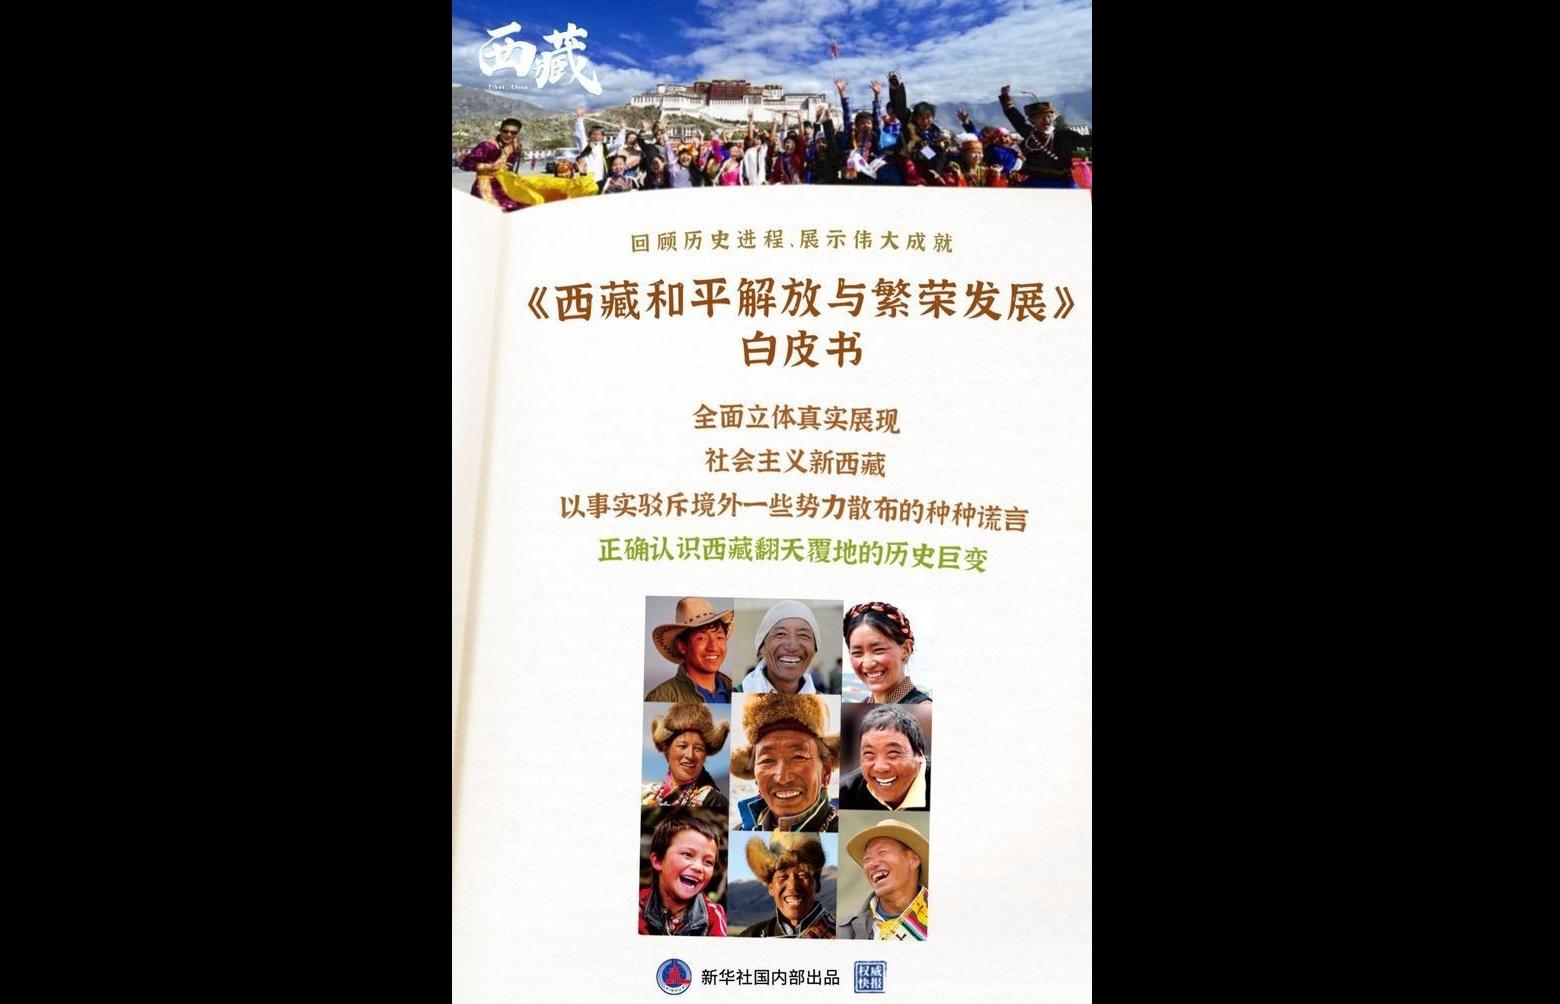 中共白皮书再扯和平解放西藏,藏人官员:利用协议宣示主权无合法性